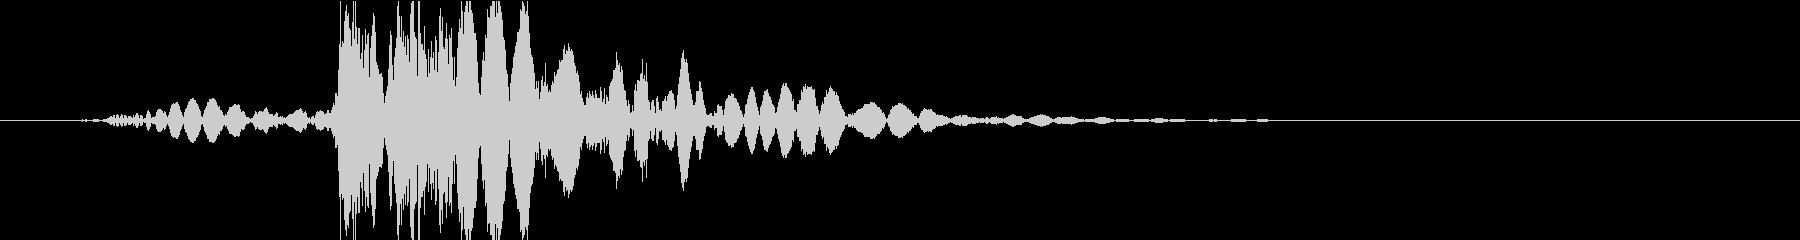 パンチGの未再生の波形